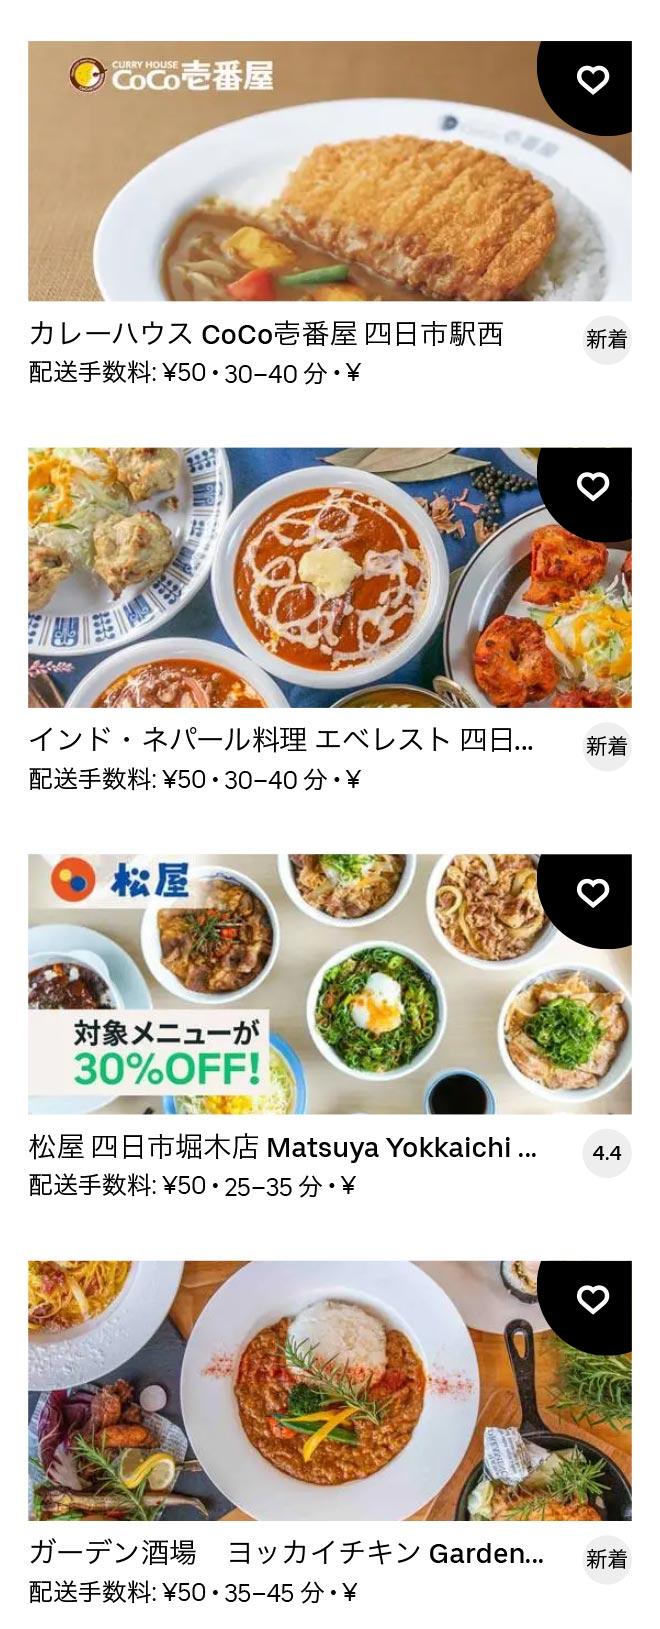 Yokkaichi menu 2012 03